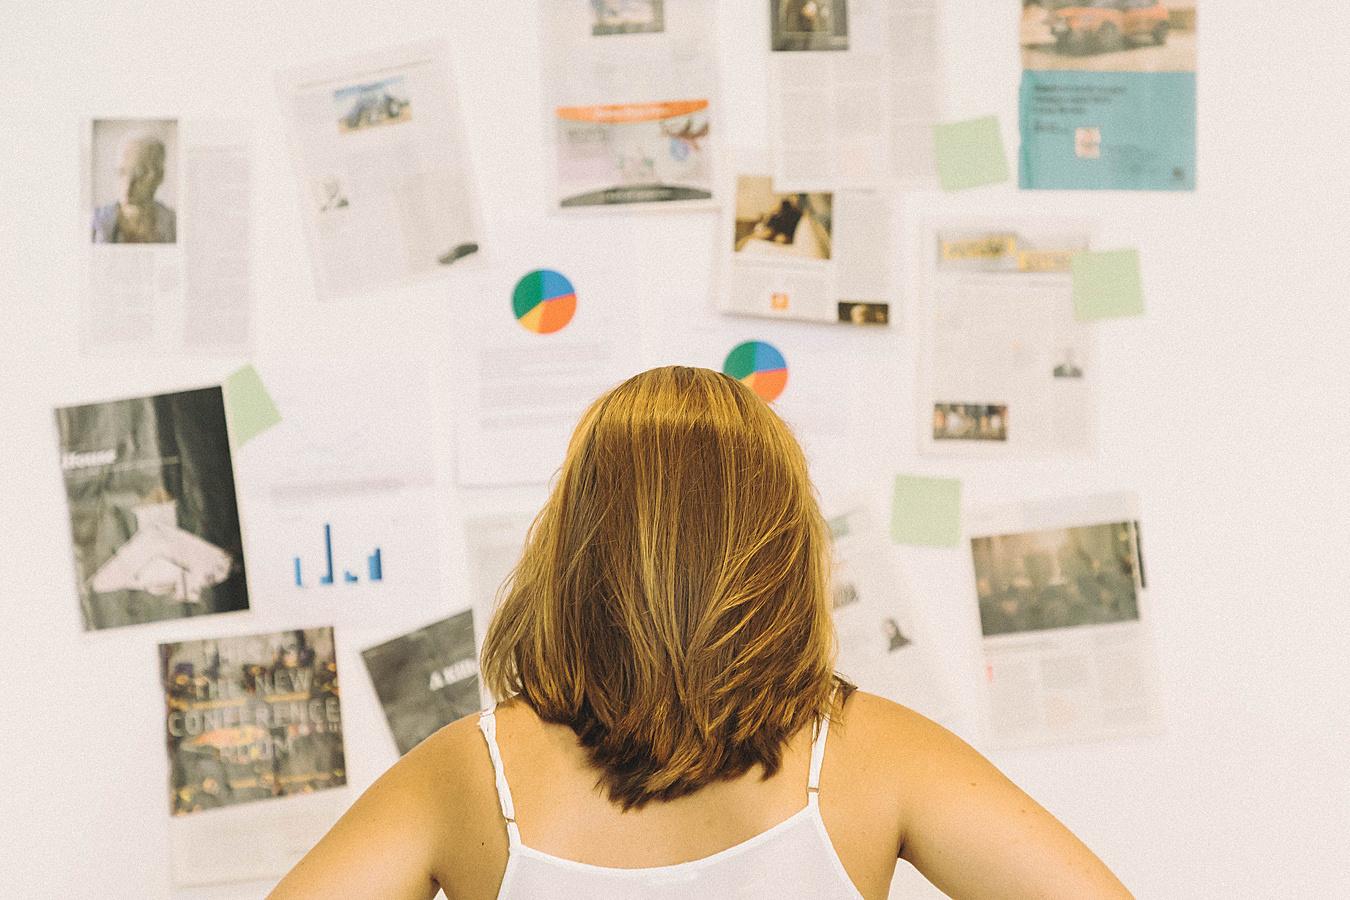 ¿Cómo destacar las habilidades en el currículum?